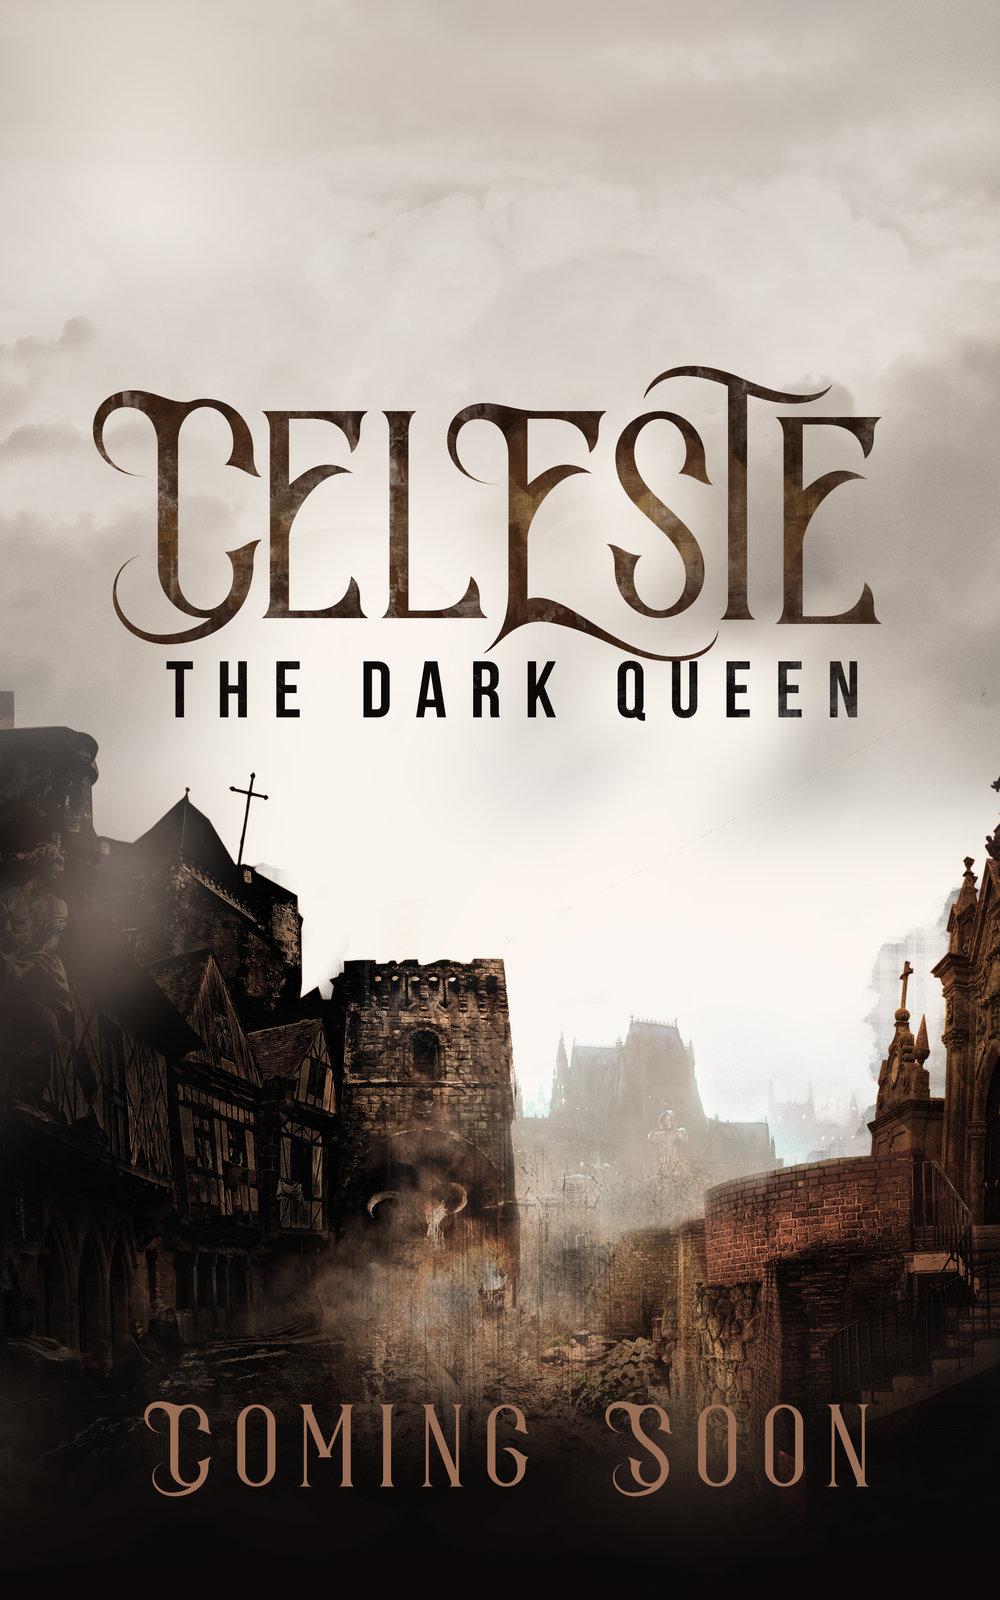 celeste the dark queen coming soon samantha eklund